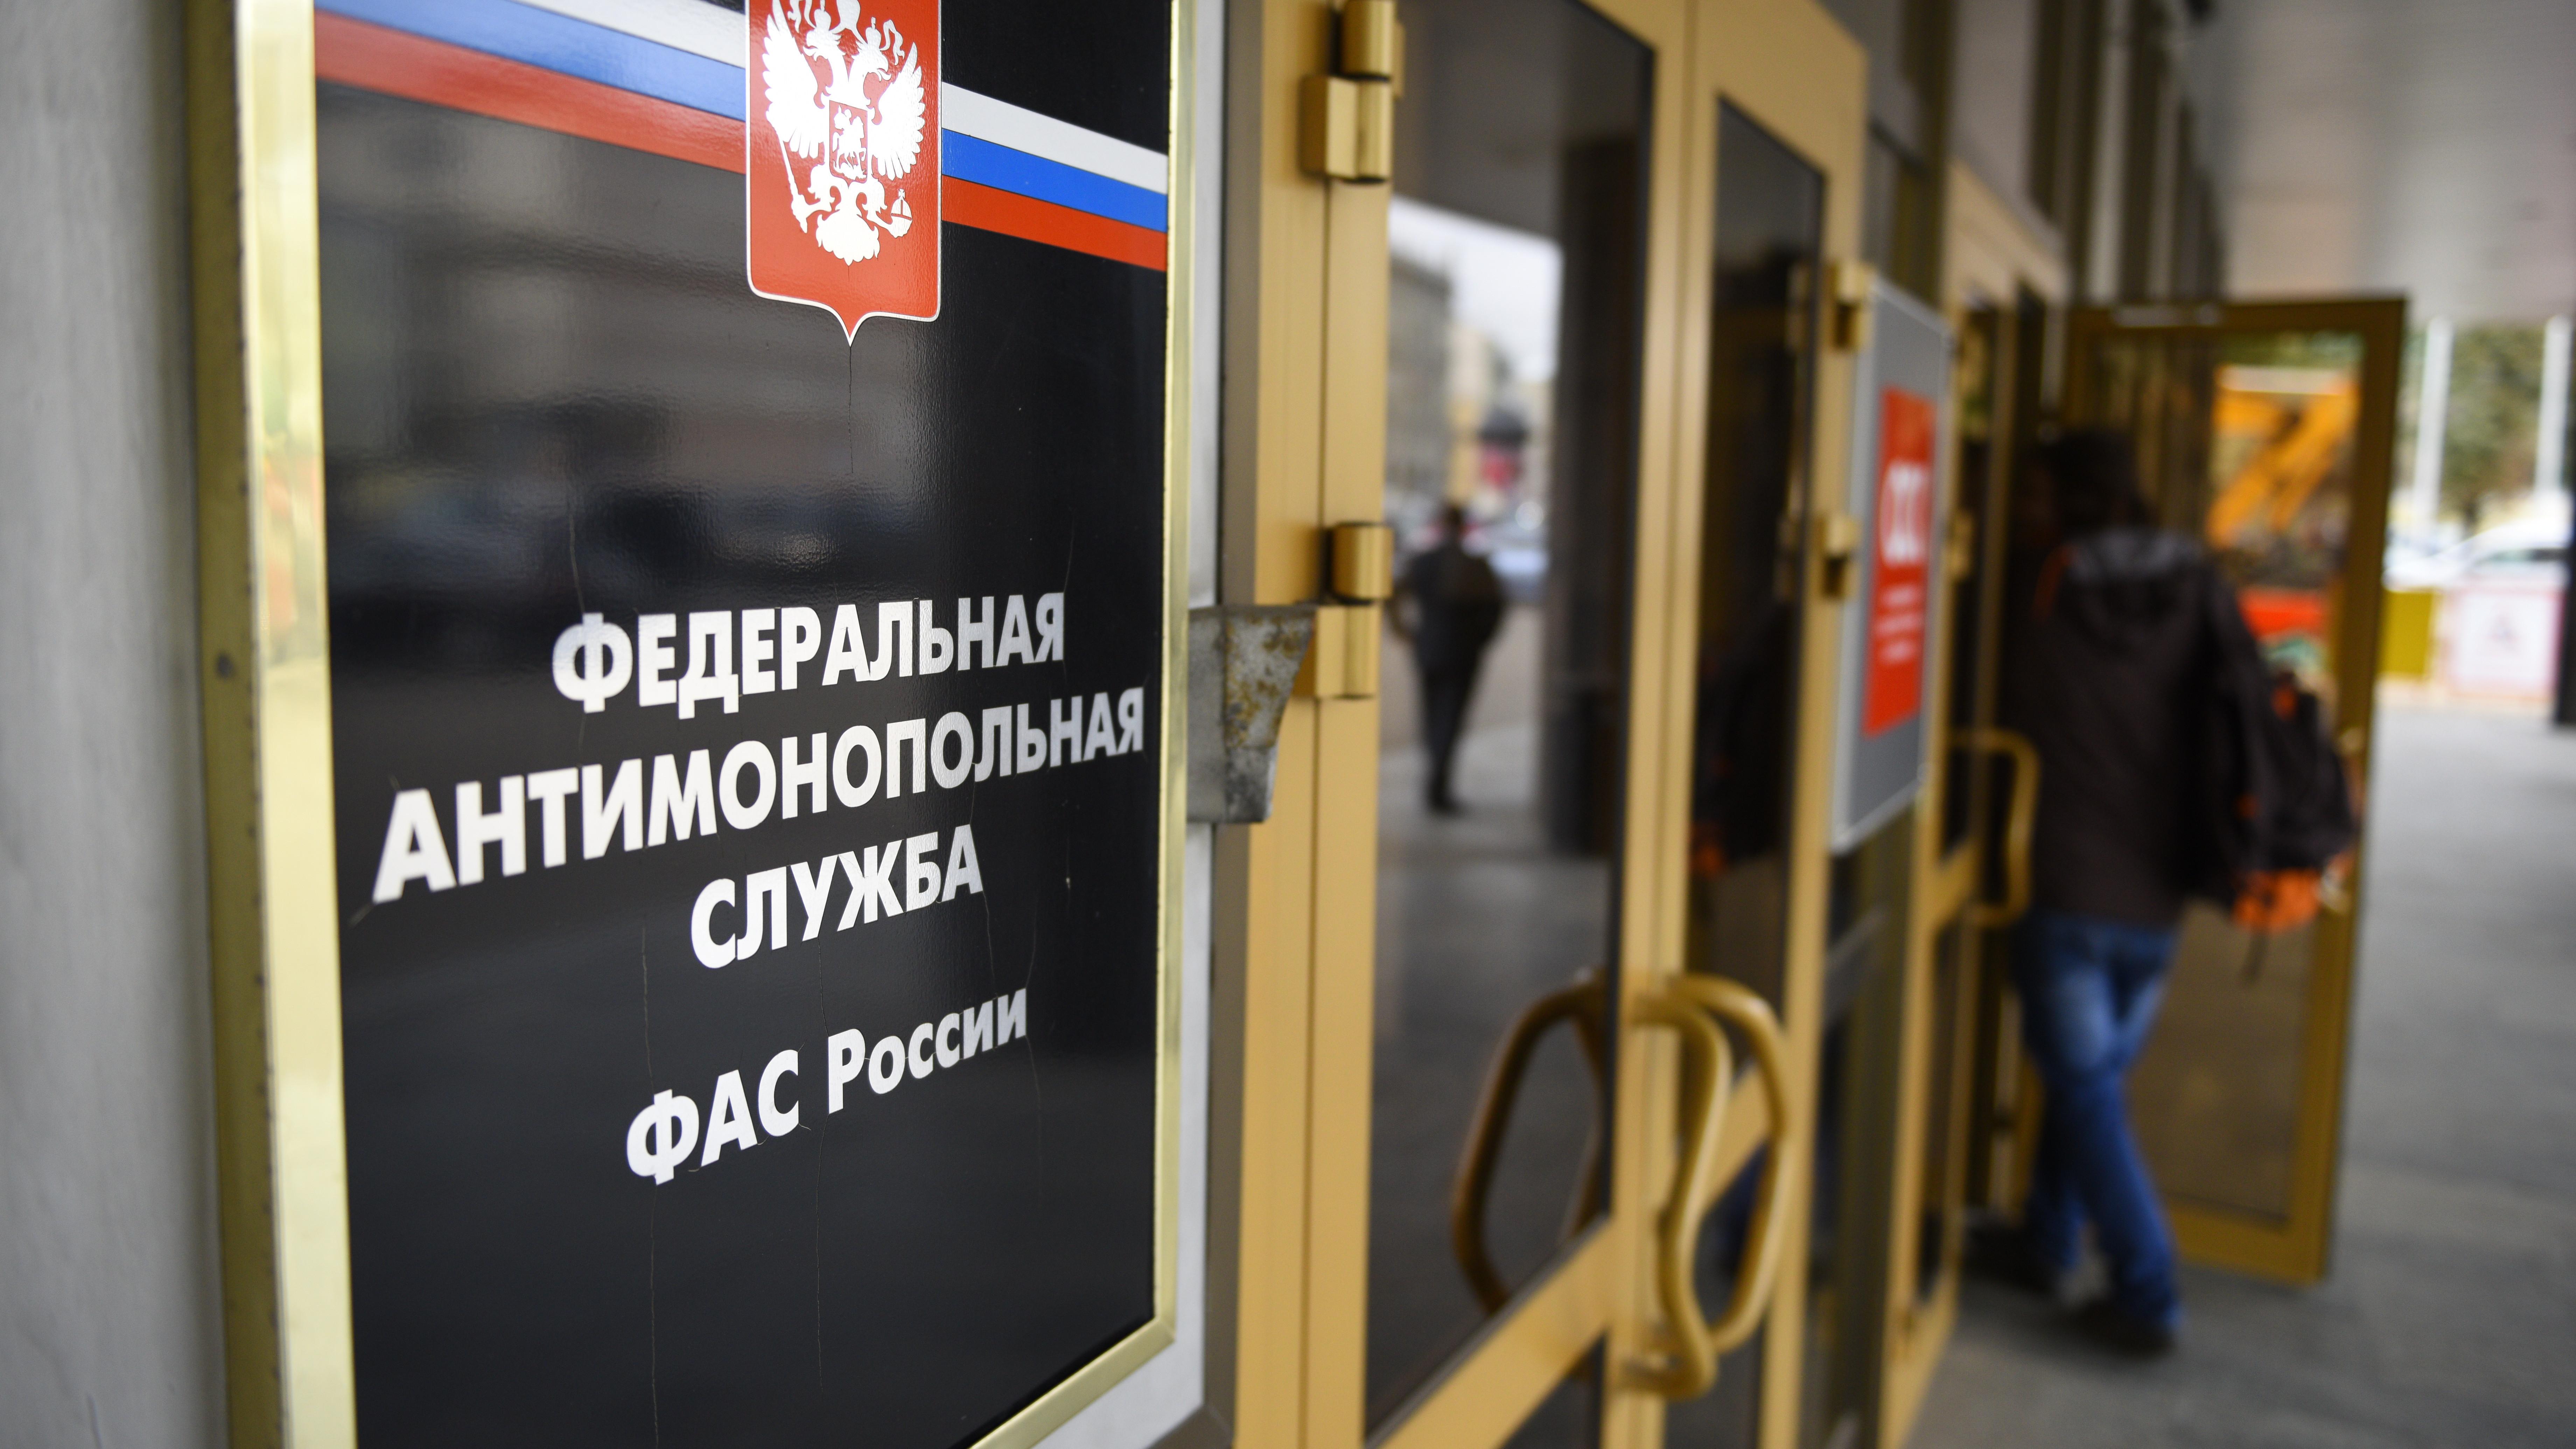 Подмосковное УФАС подозревает ООО ЗСА «Ритм» и ООО «Медикэл» в картельном сговоре